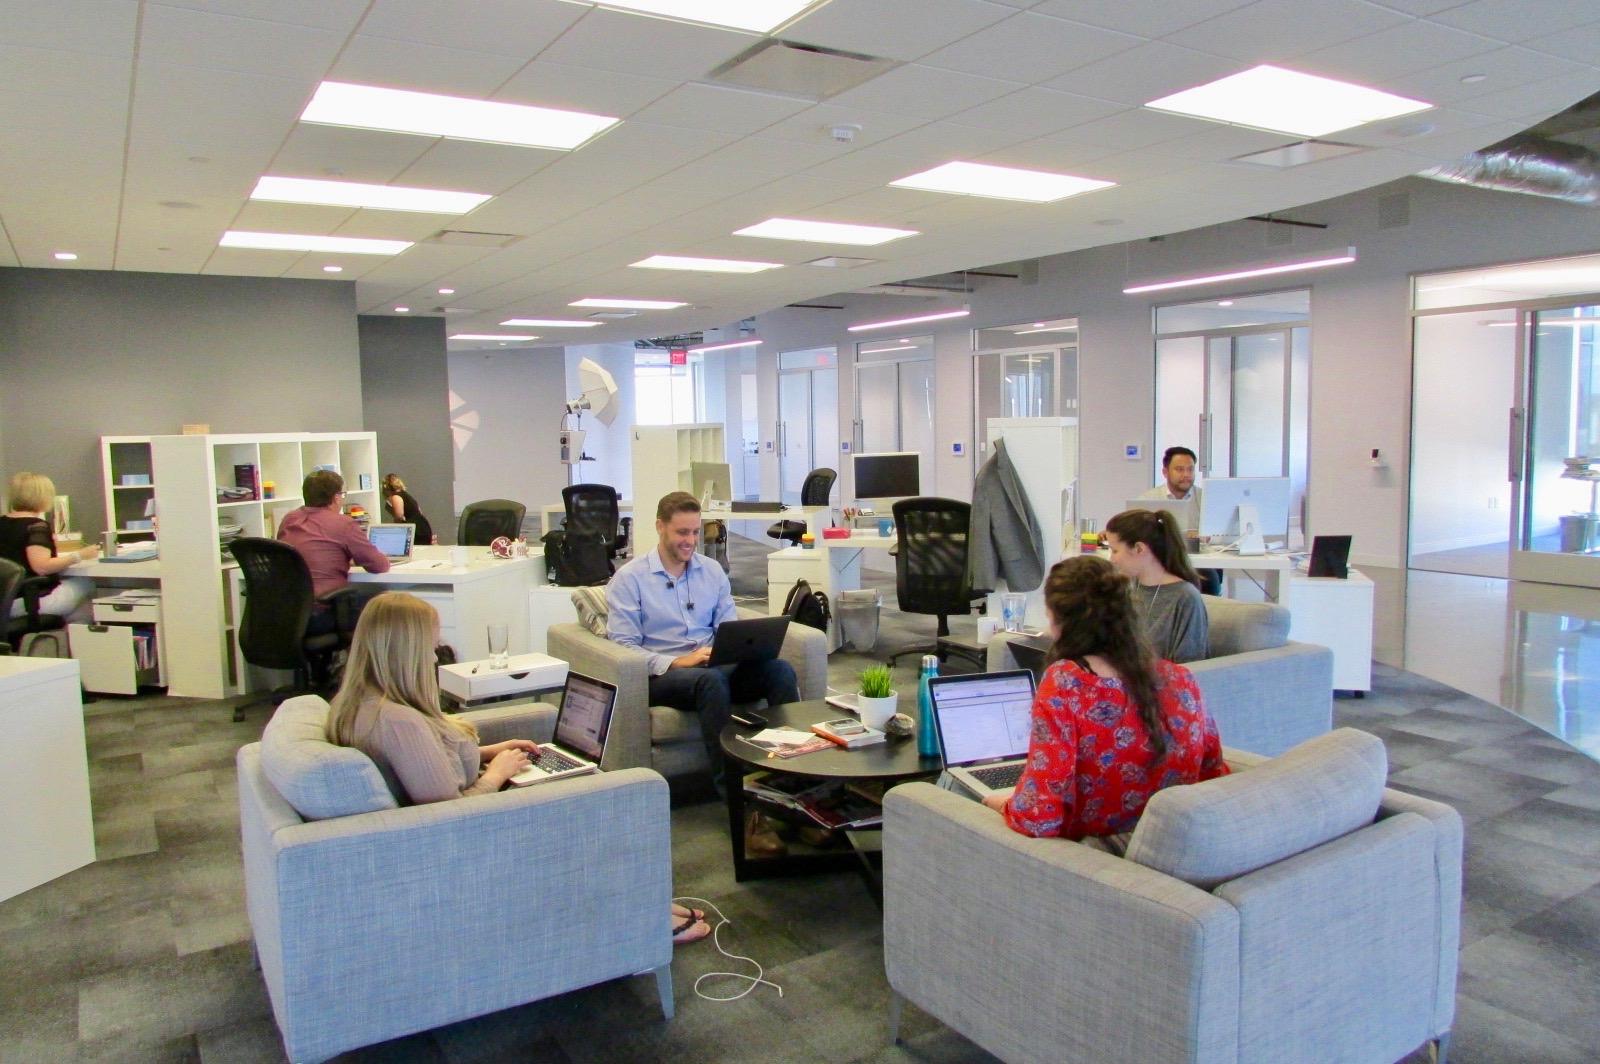 Team members at work.